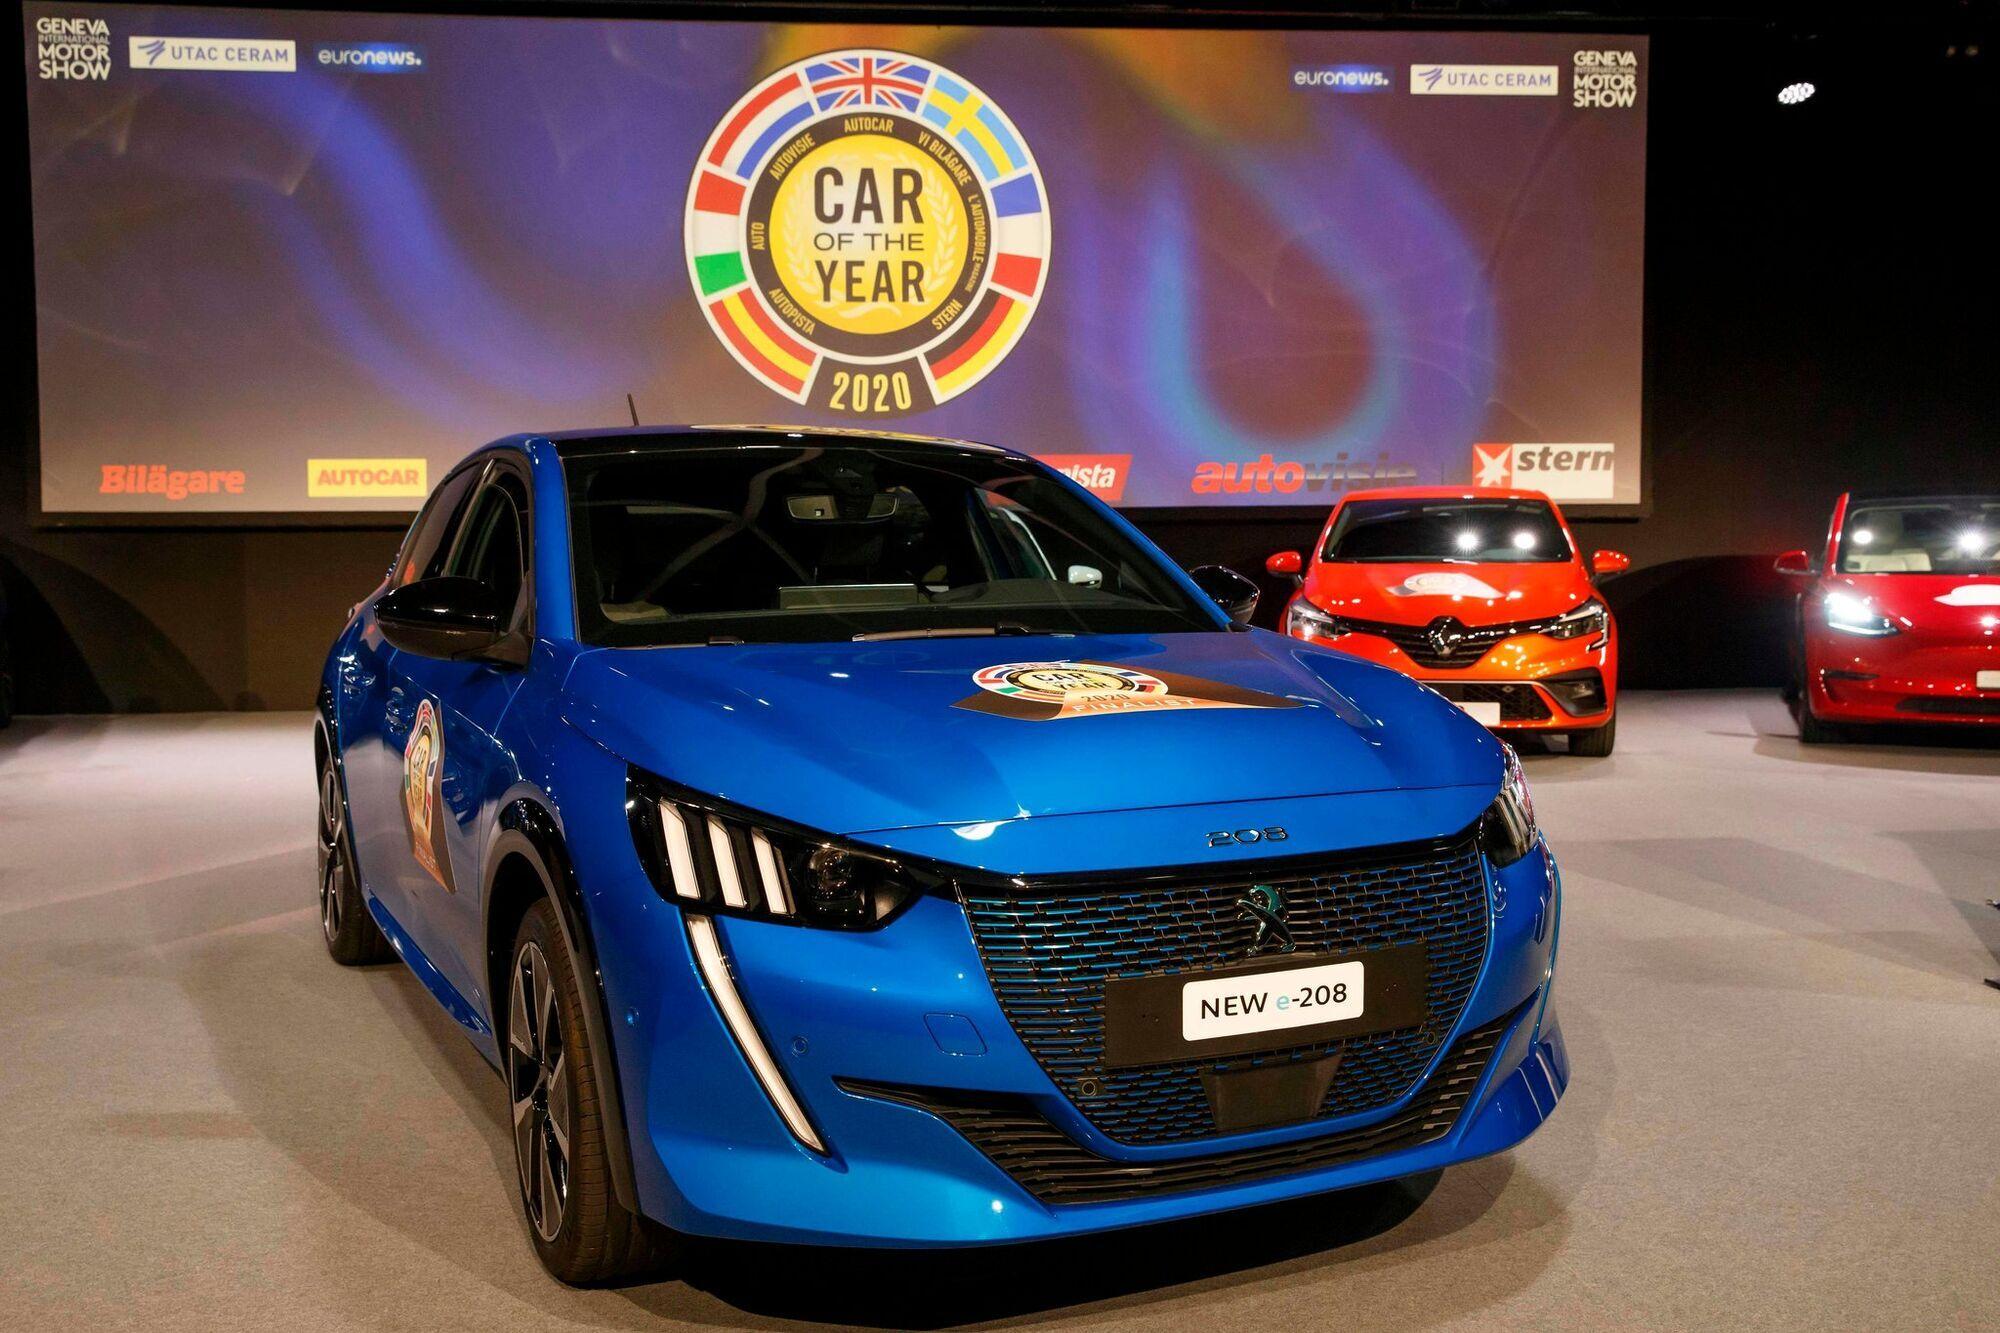 В прошлом году награды конкурса был удостоен компактный французский хэтчбек Peugeot 208